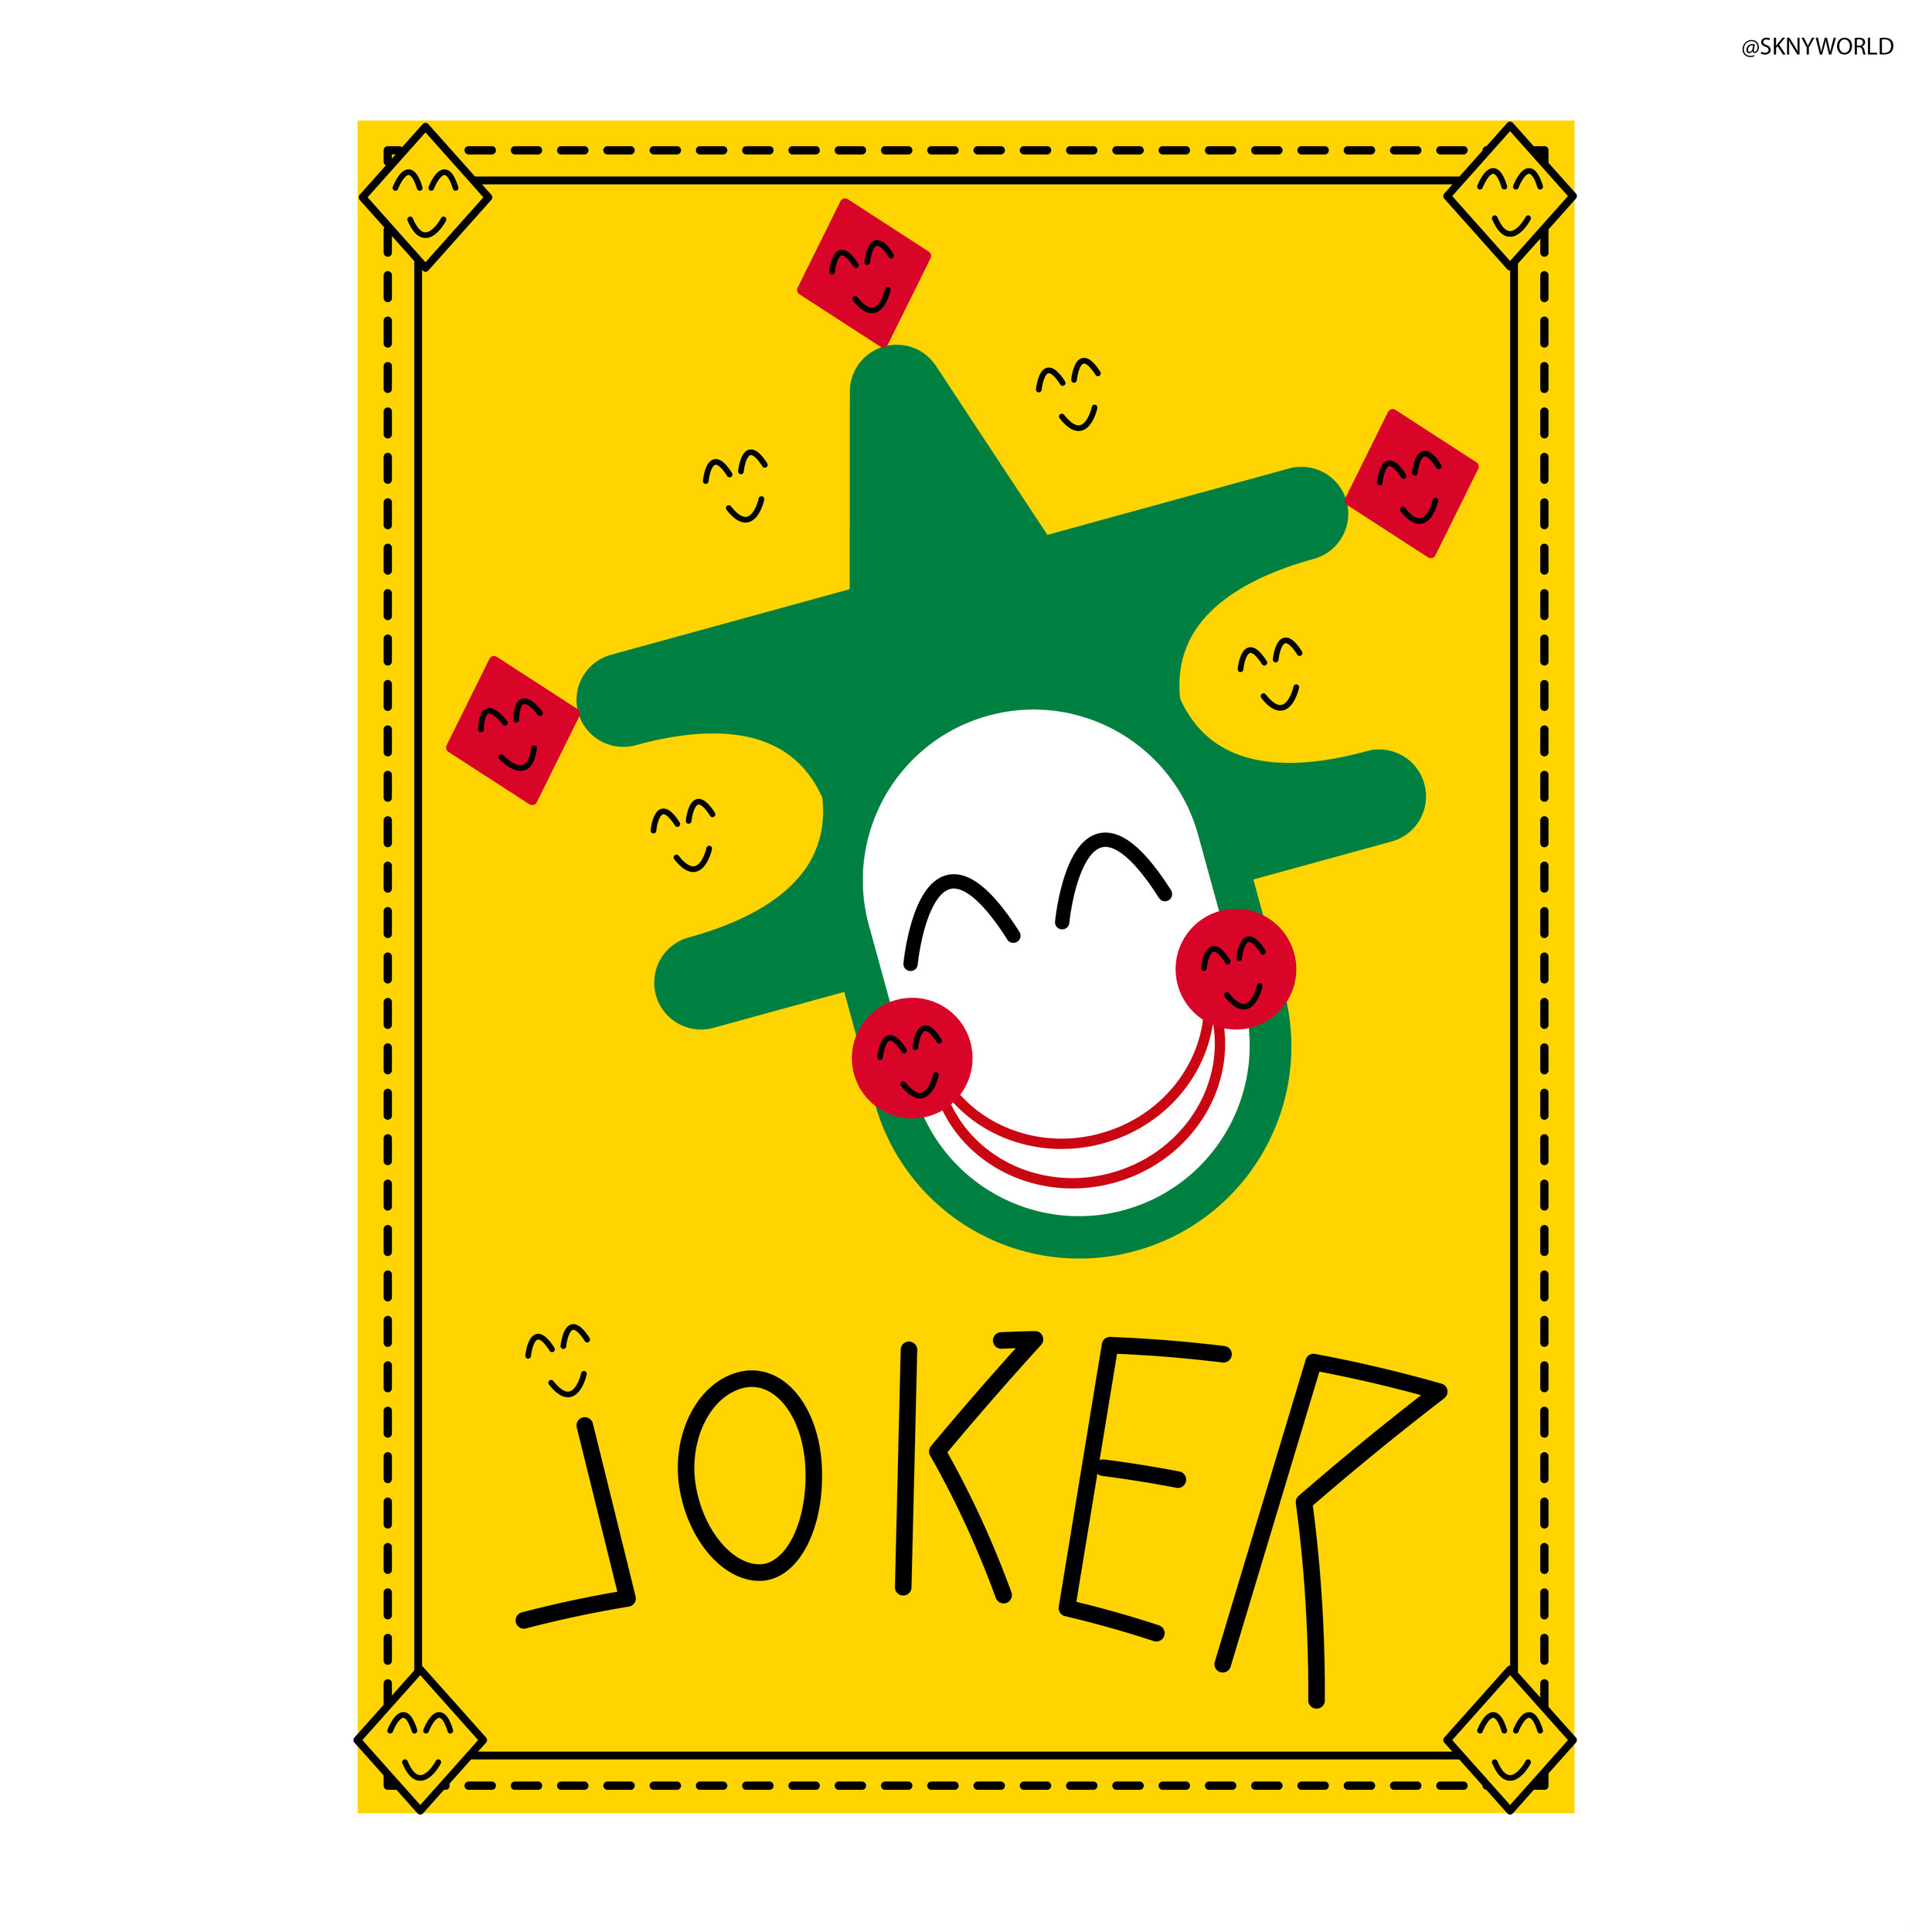 Joker_1-01.jpg